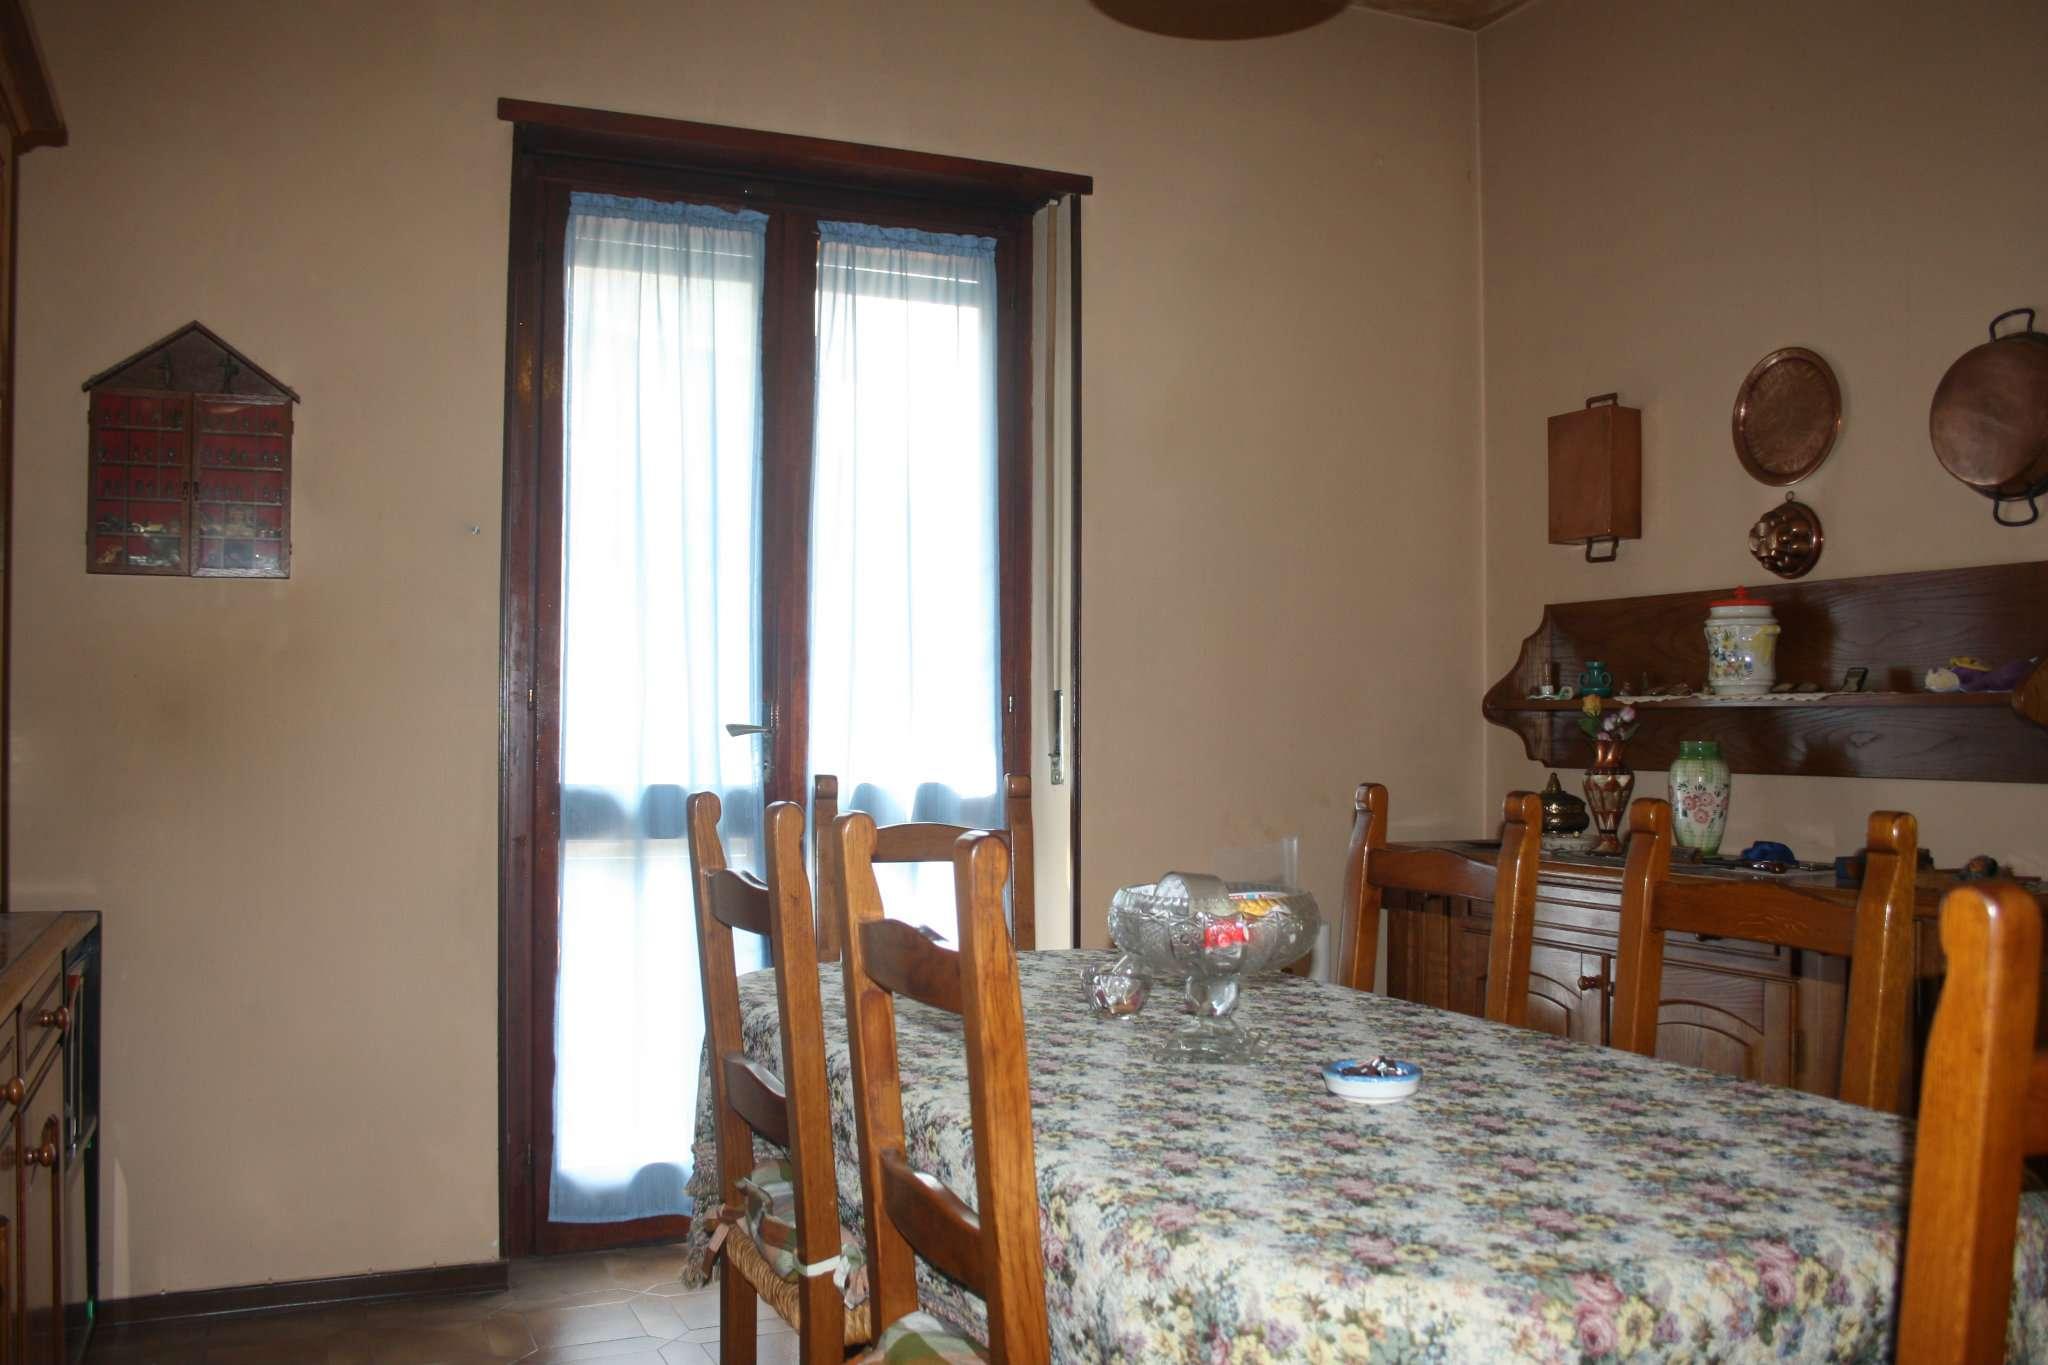 Appartamento in vendita a Bra, 4 locali, prezzo € 98.000 | CambioCasa.it